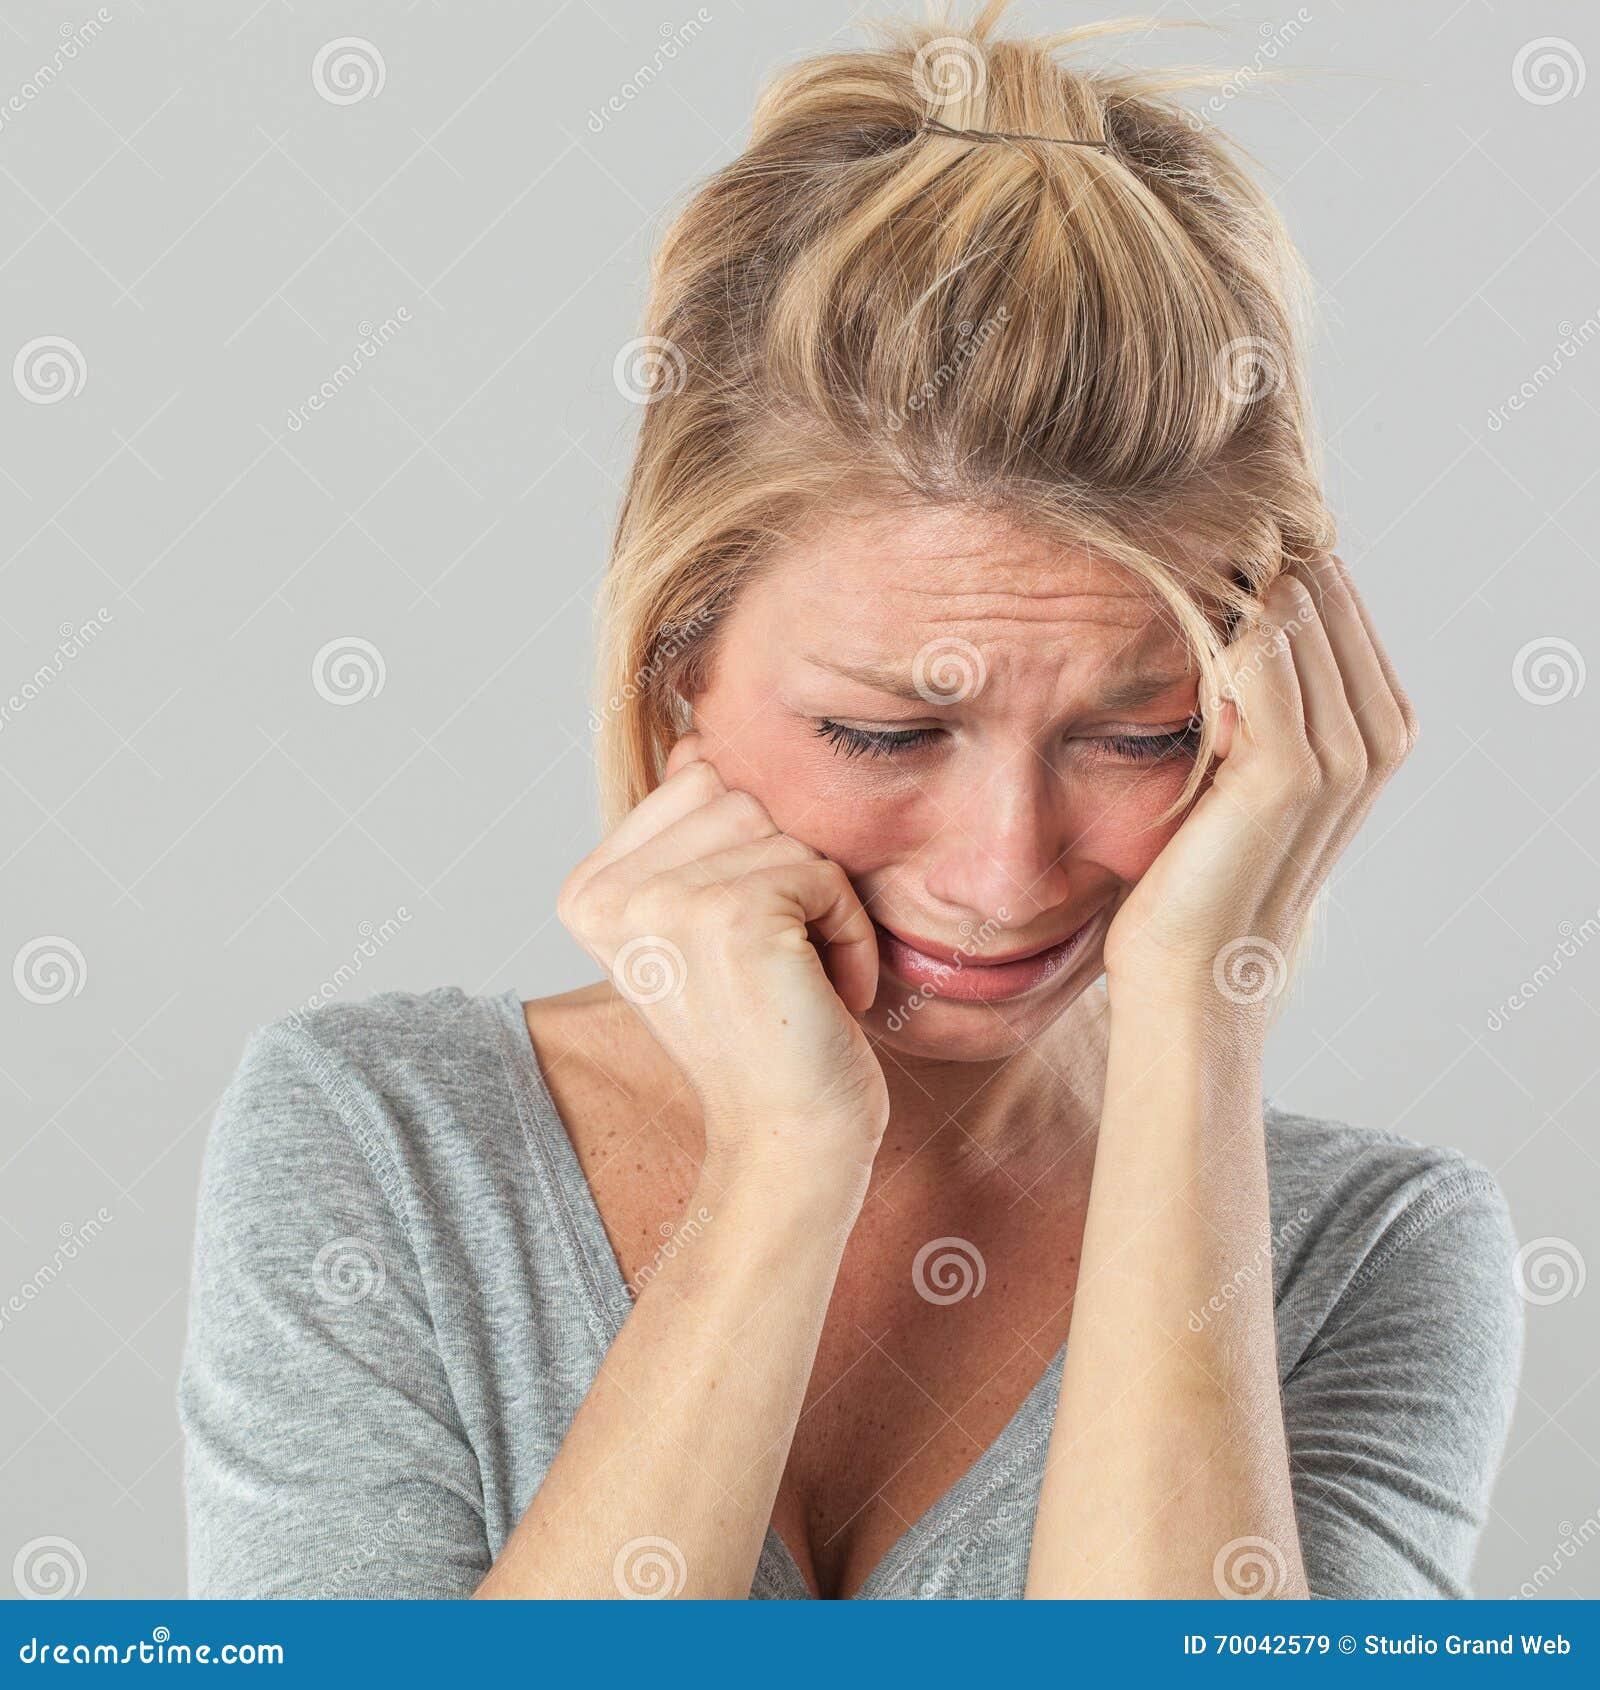 Η καταθλιπτική γυναίκα στην έκφραση πόνου λυπάται για και θλίψη